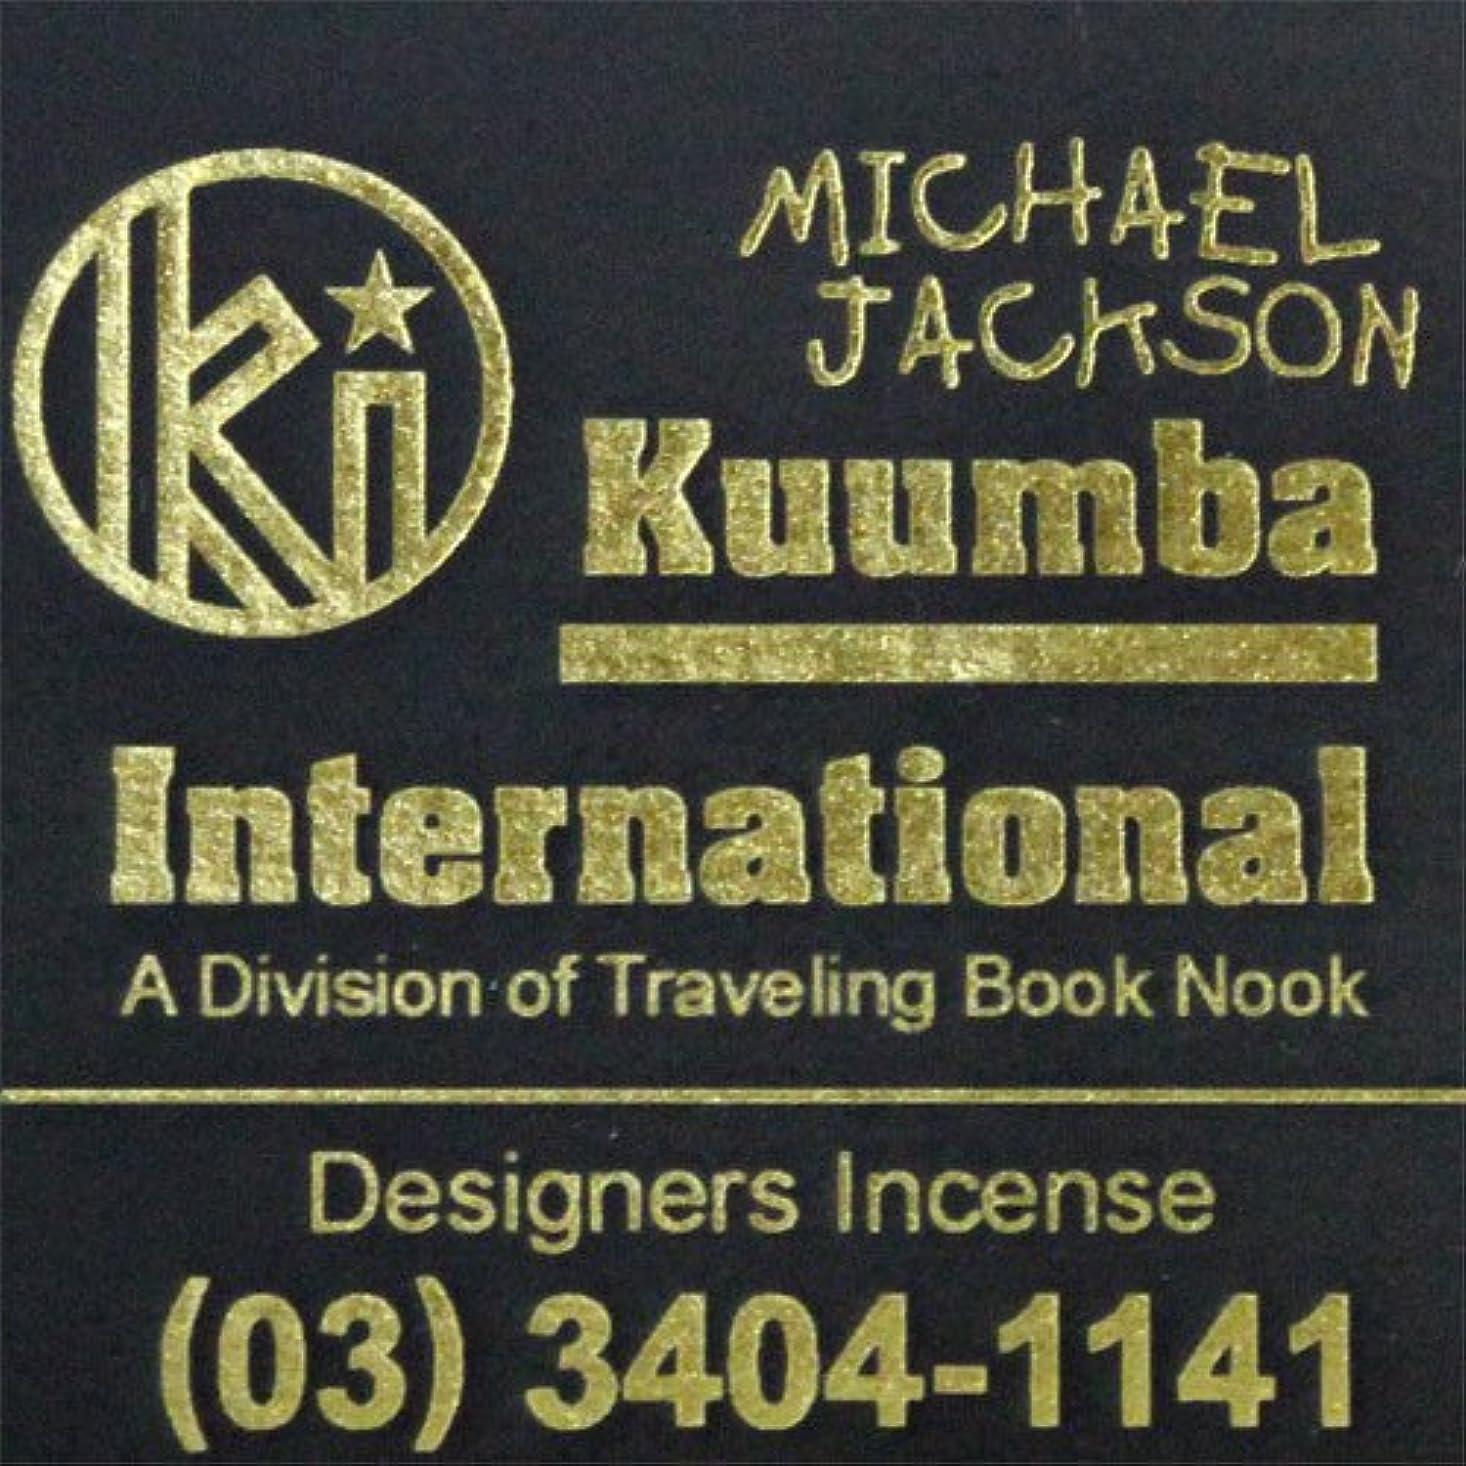 ご飯戦闘苦行(クンバ) KUUMBA『incense』(MICHAEL JACKSON) (Regular size)